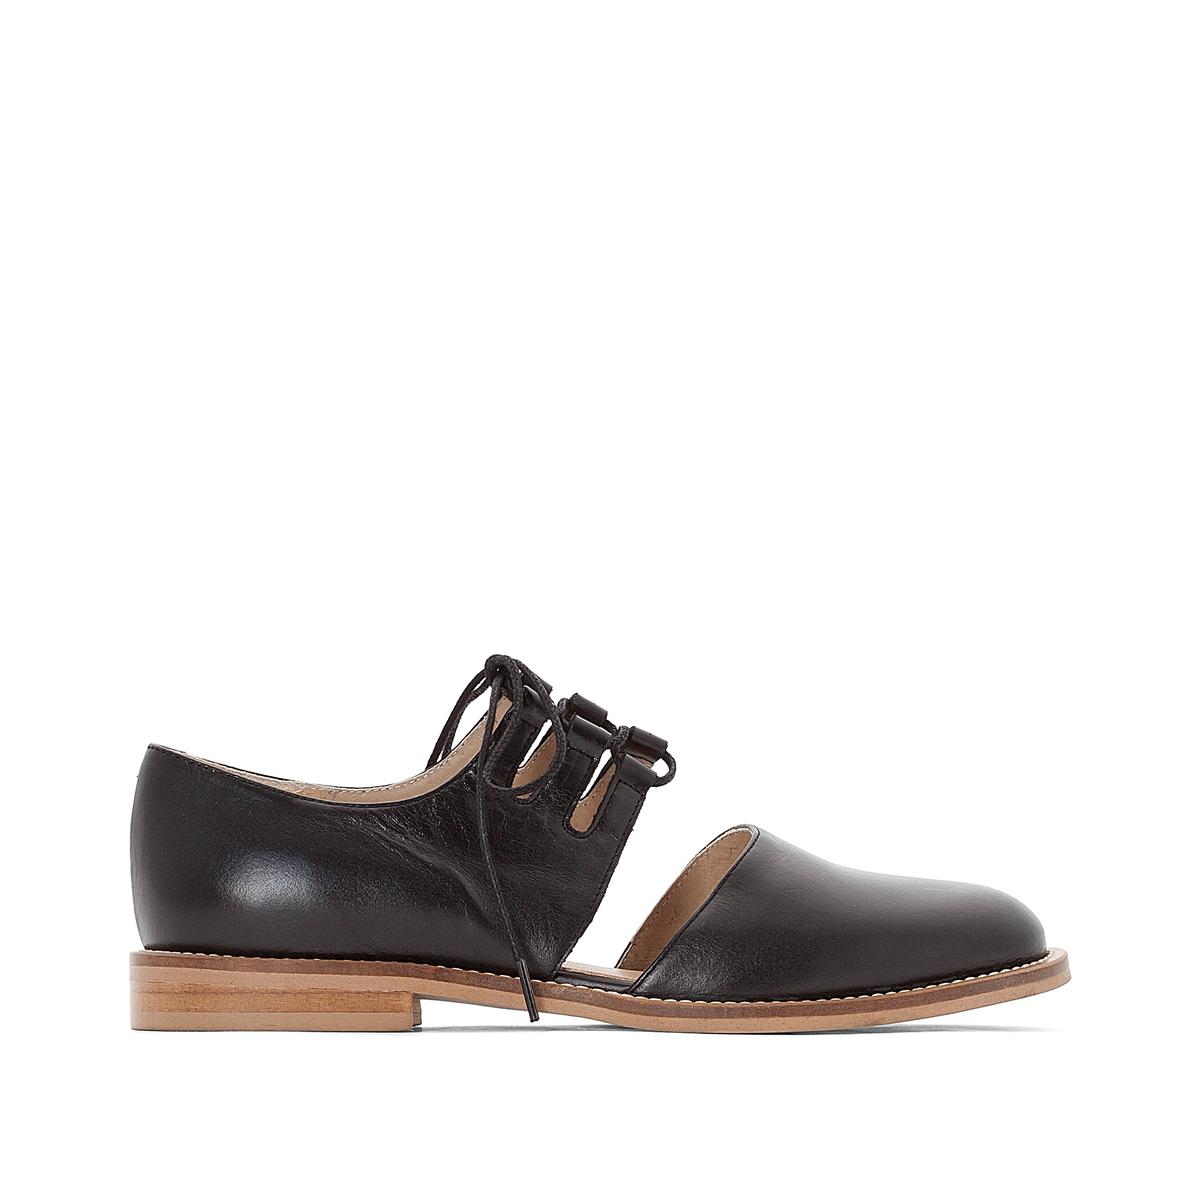 Ботинки-дерби кожаные DaironВерх : кожа   Подкладка : кожа   Стелька : кожа   Подошва : эластомер   Высота каблука : 1 см   Форма каблука : плоский каблук   Мысок : закругленный мысок   Застежка : шнуровка<br><br>Цвет: черный<br>Размер: 41